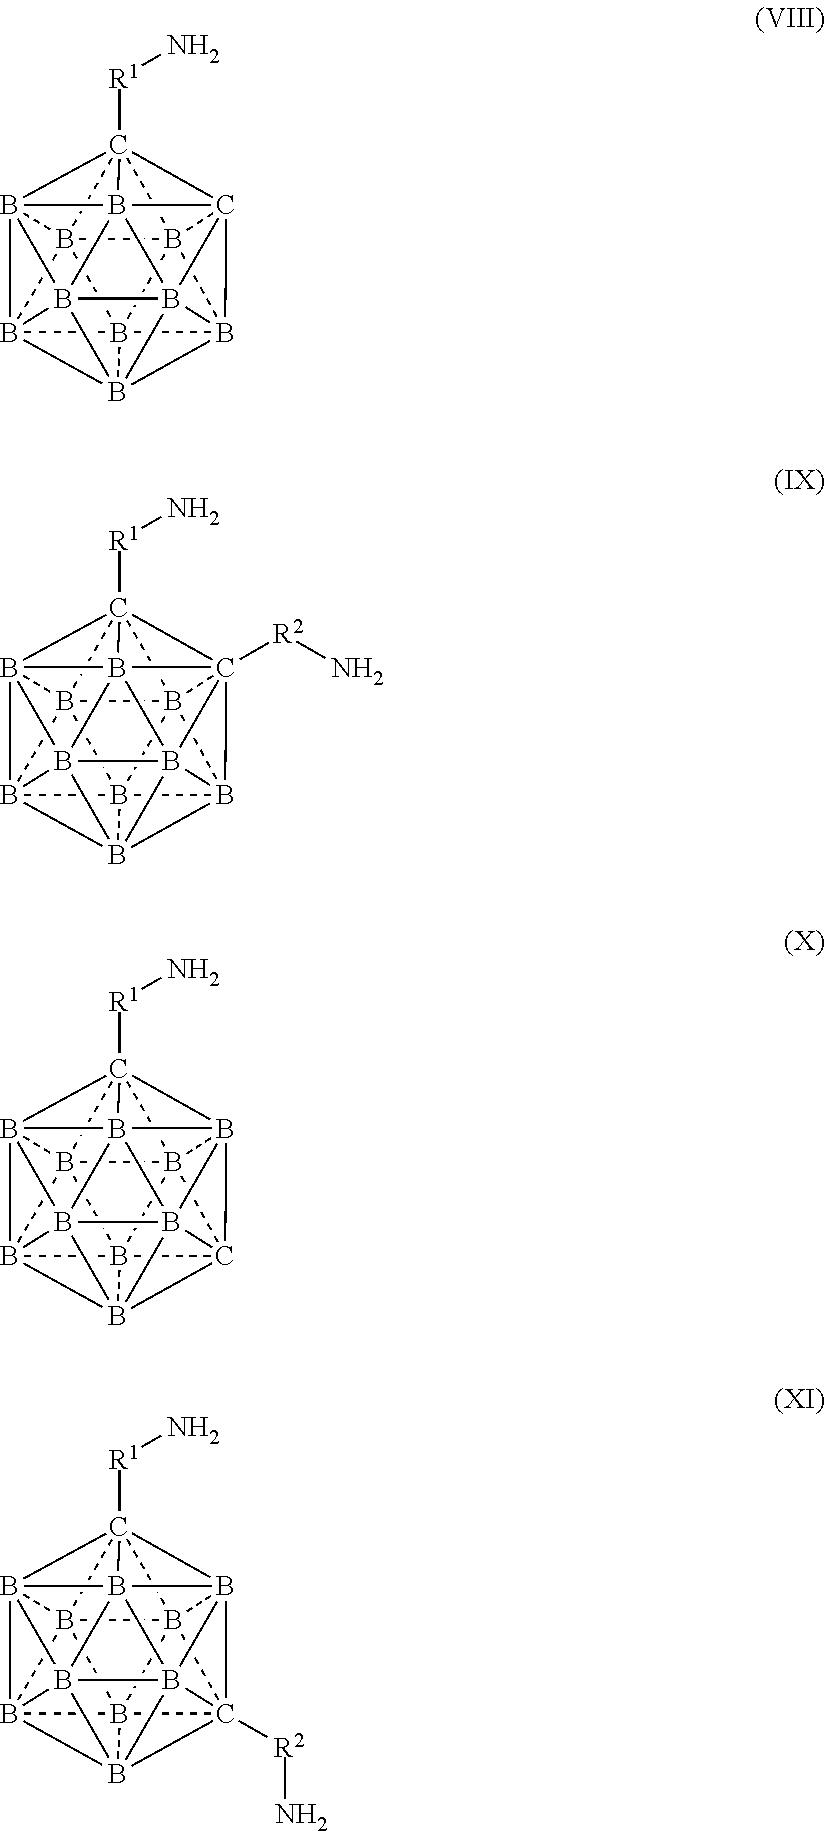 Figure US20110046253A1-20110224-C00007